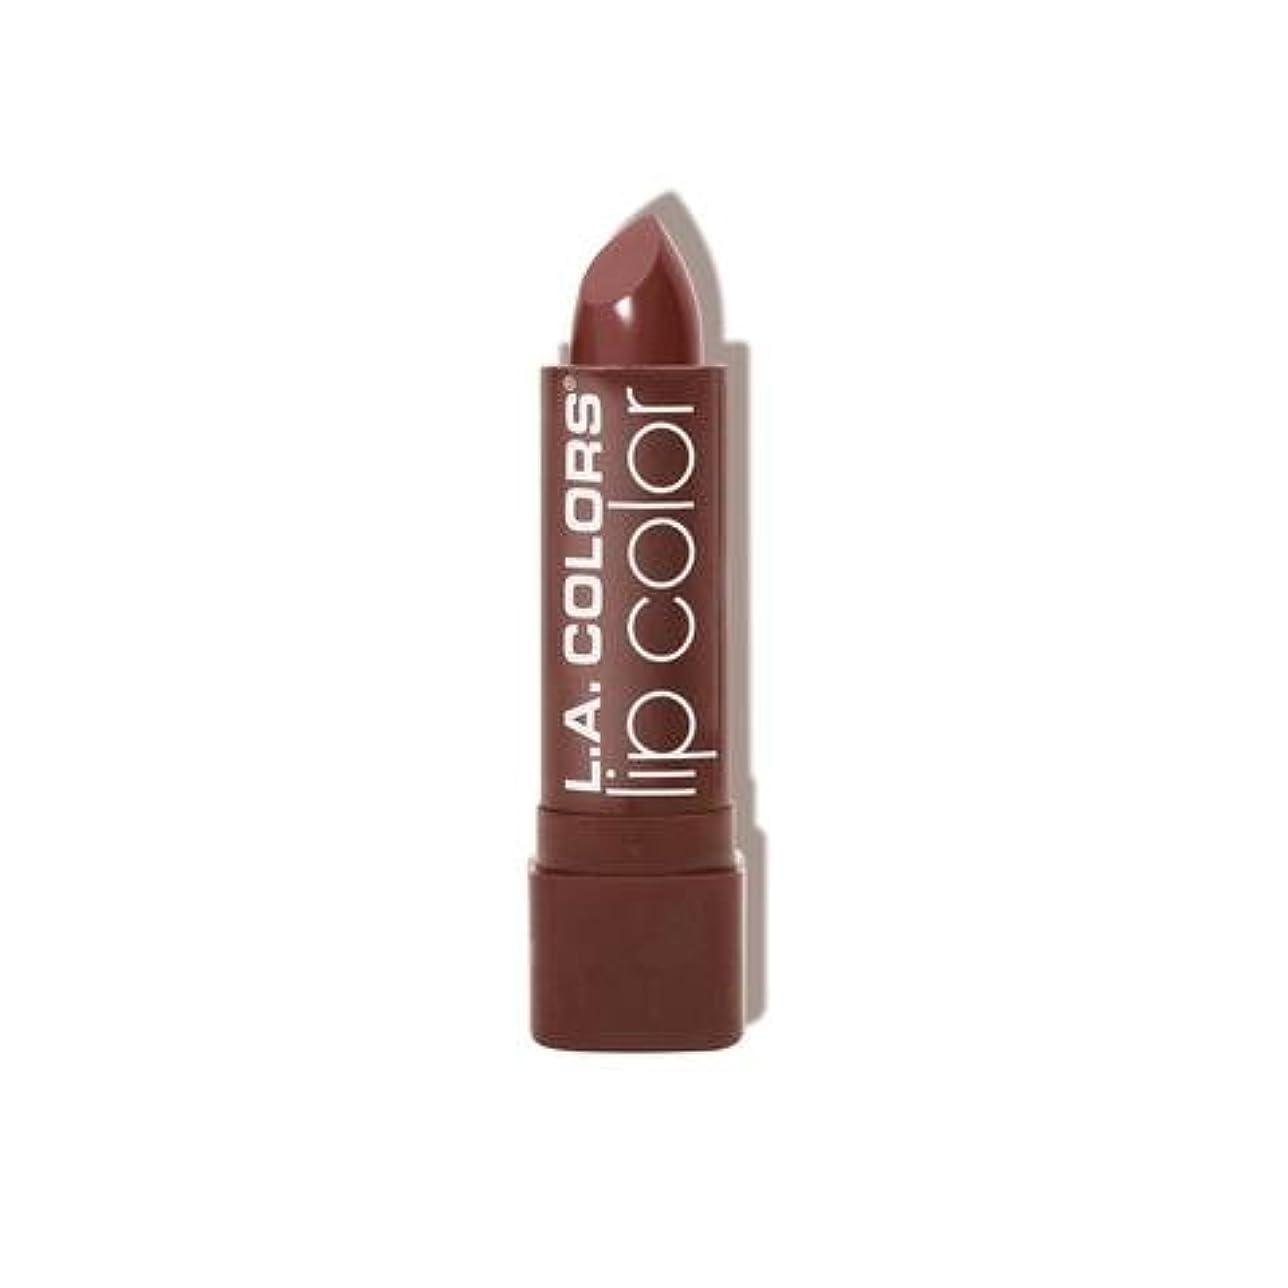 差別するバクテリア構想する(6 Pack) L.A. COLORS Moisture Rich Lip Color - Taupe Envy (並行輸入品)